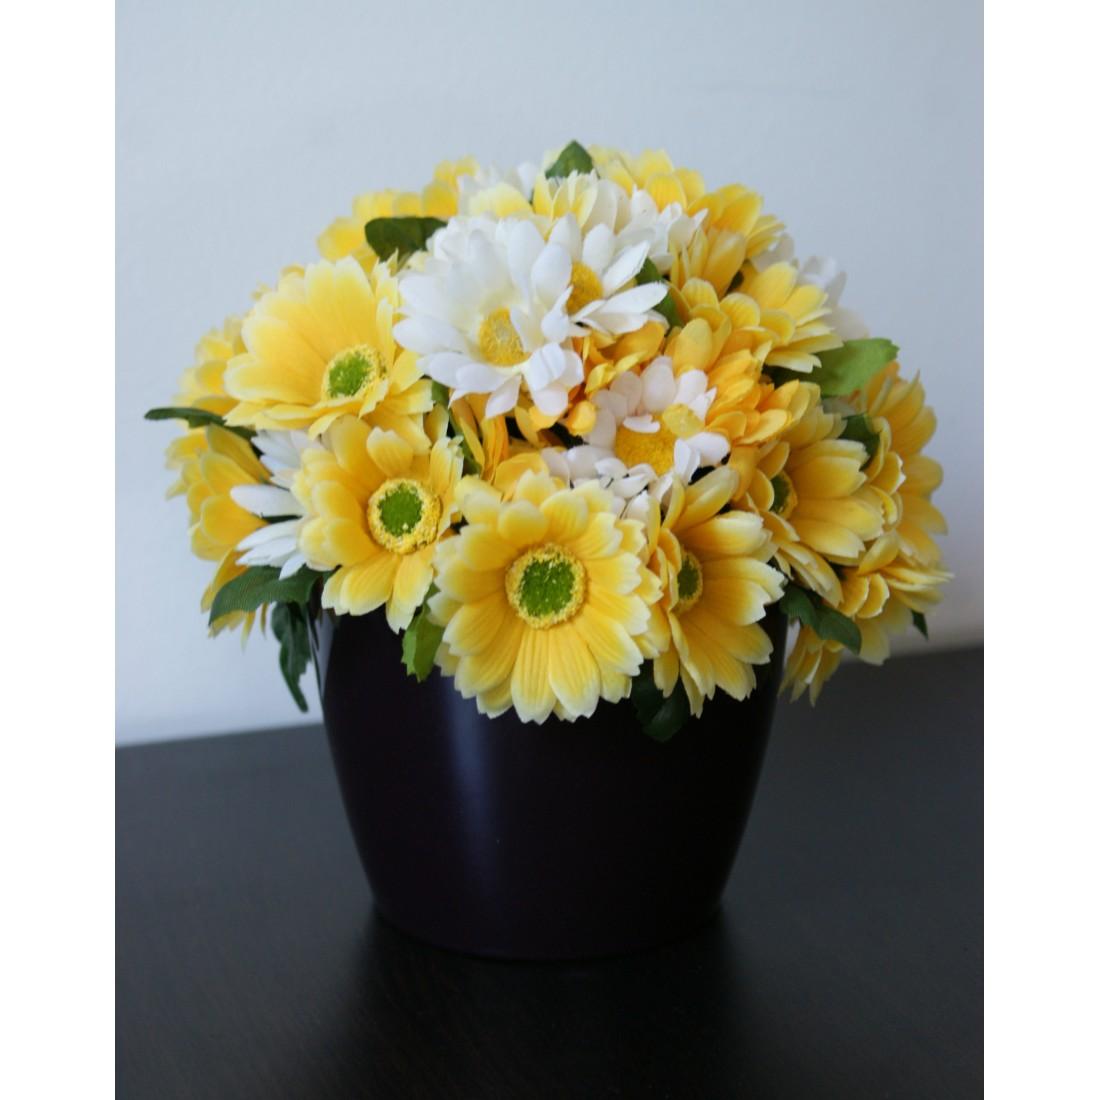 Flori pentru un zambet